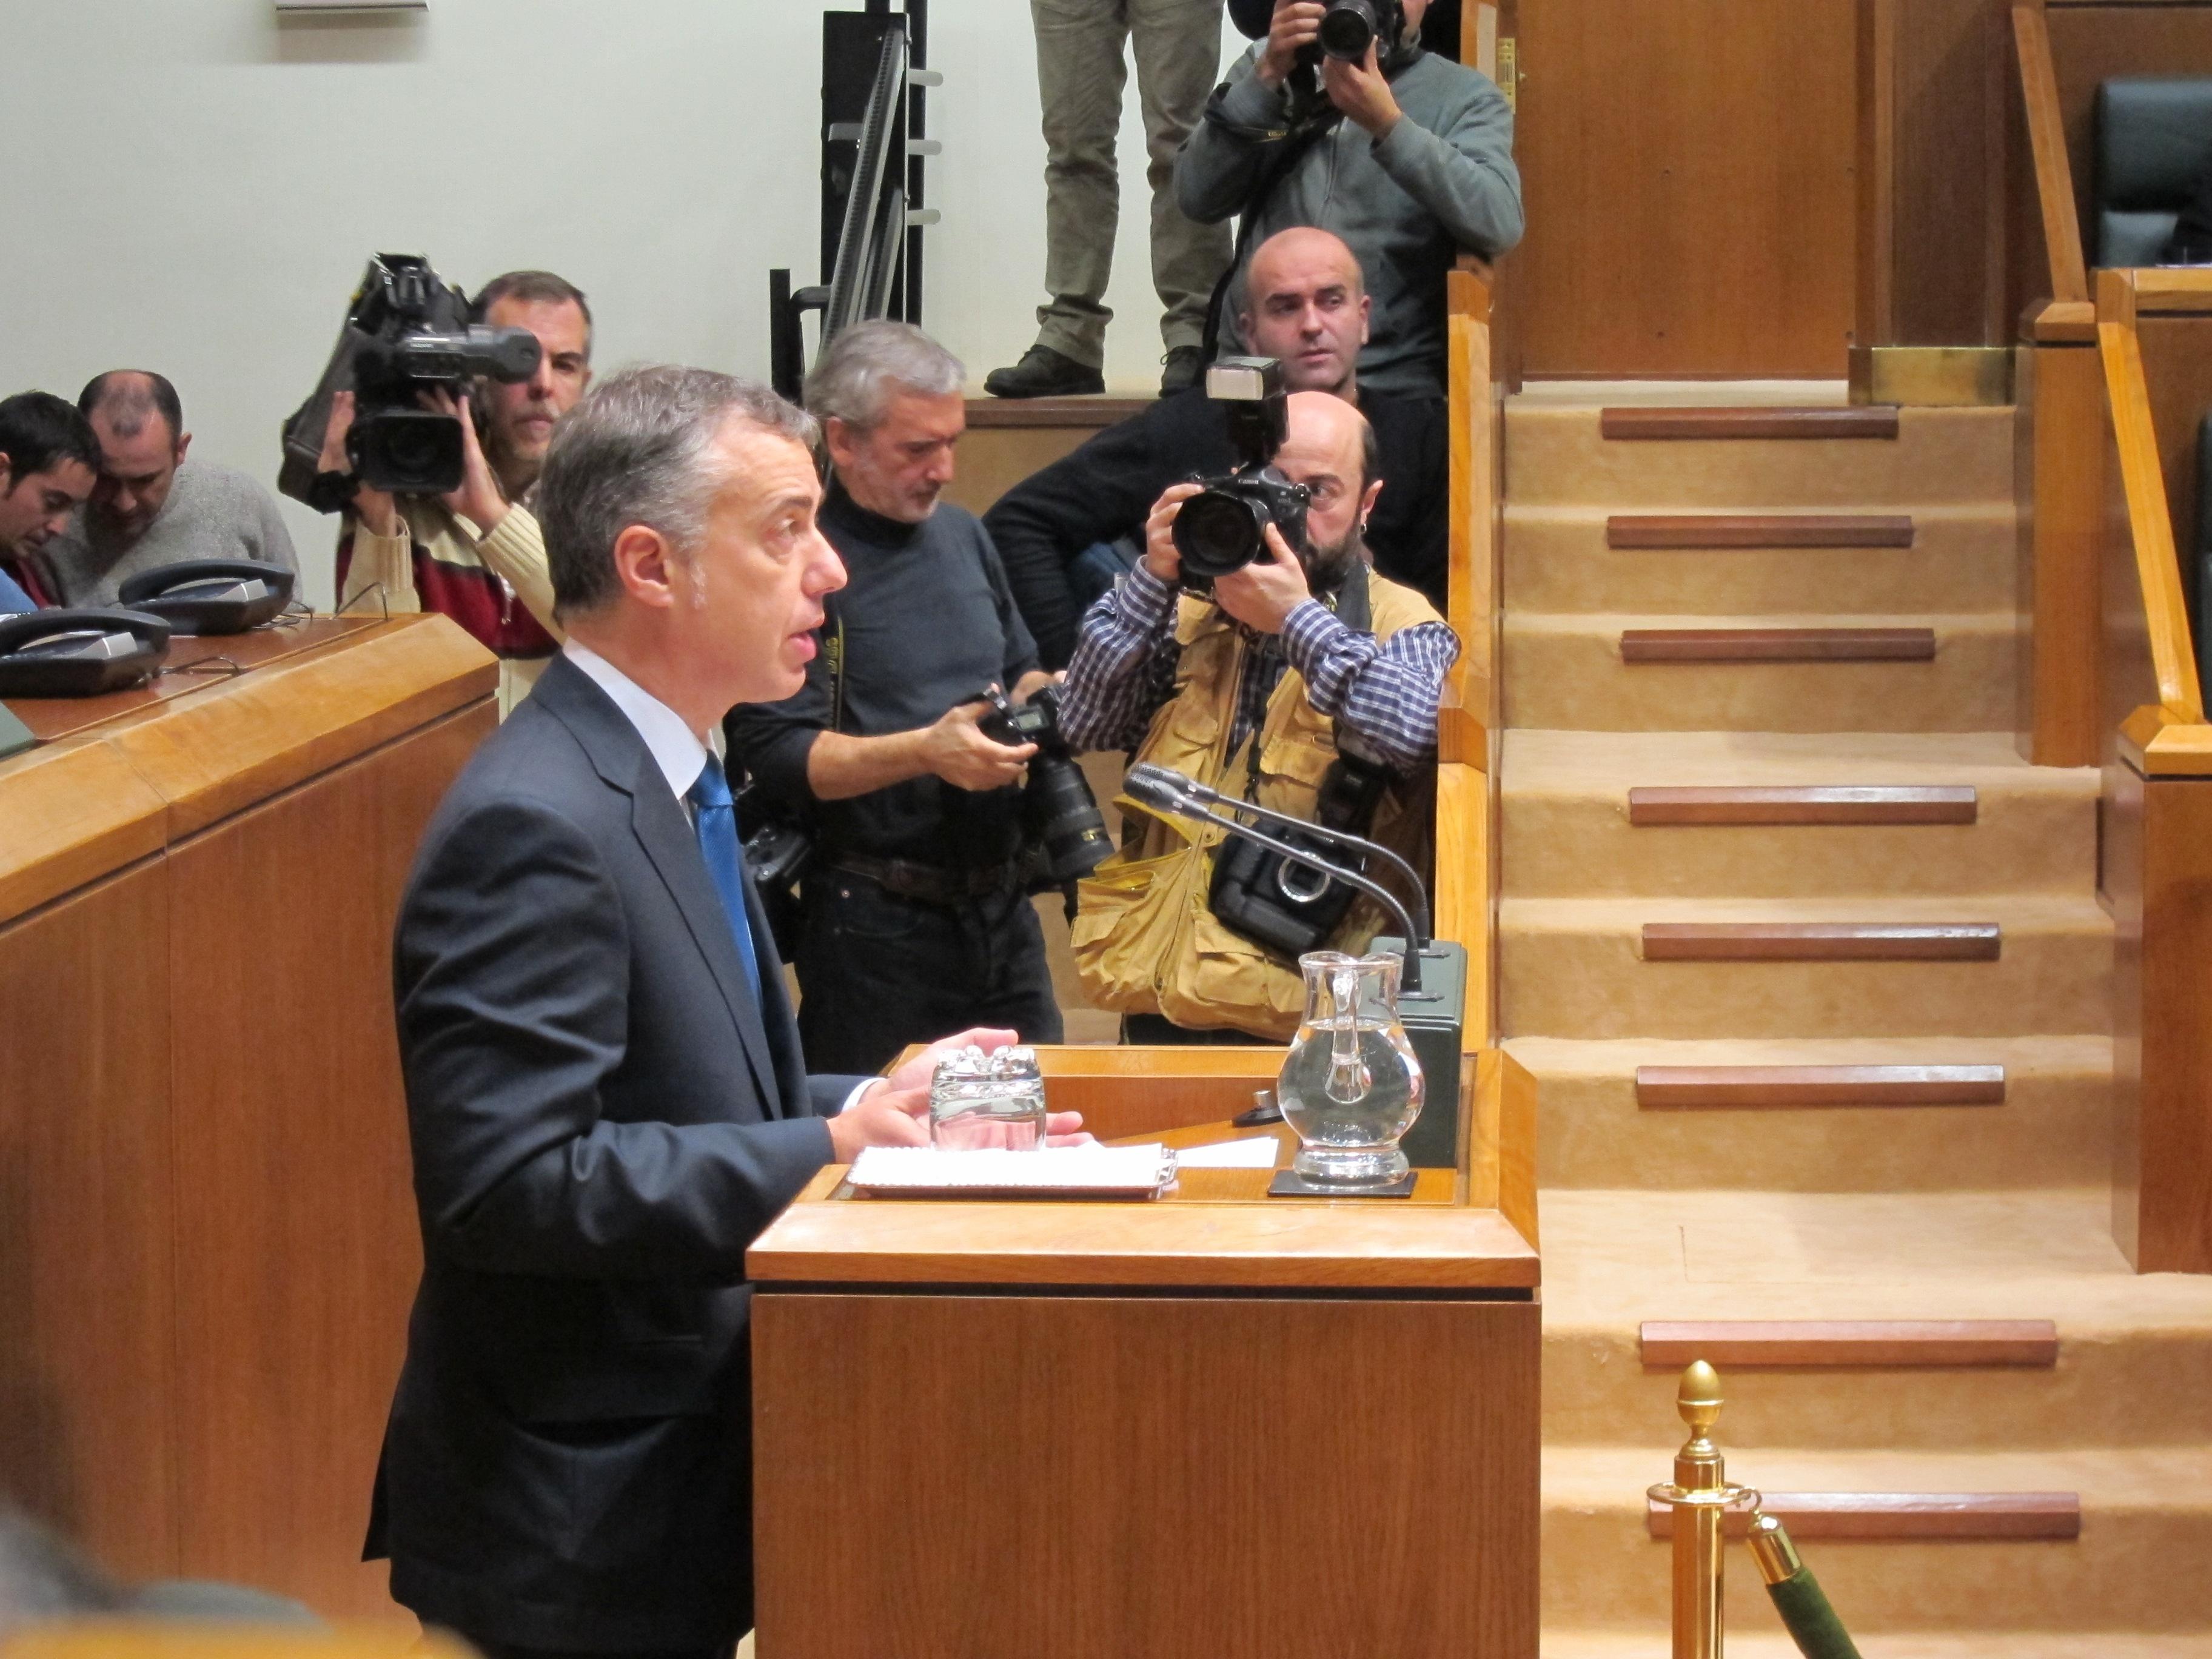 El PNV ganaría las elecciones vascas con 28-29 escaños, seguido de Bildu